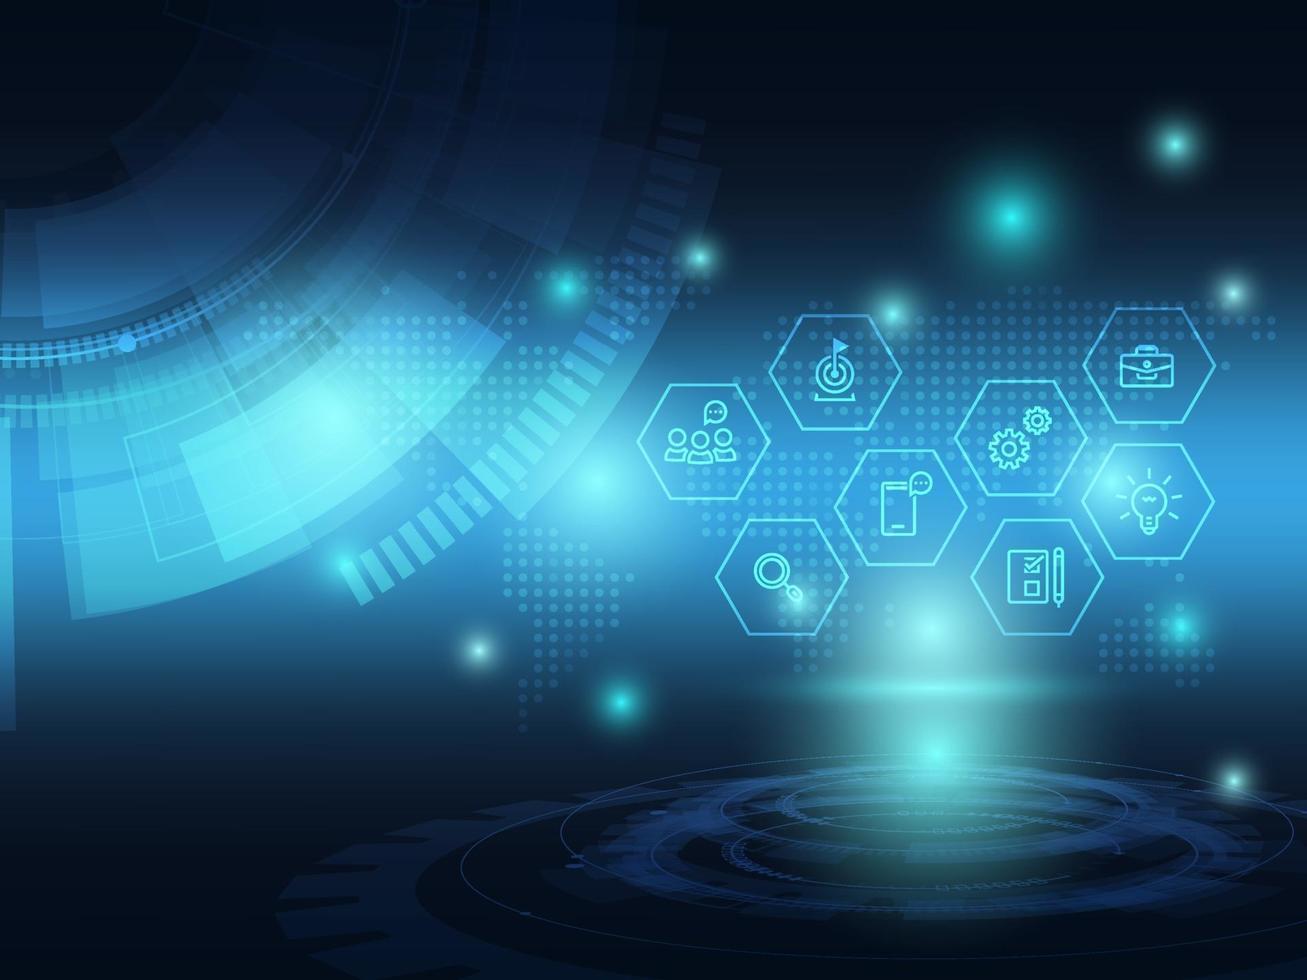 fundo de tecnologia futurista azul abstrato com ícone de negócios vetor